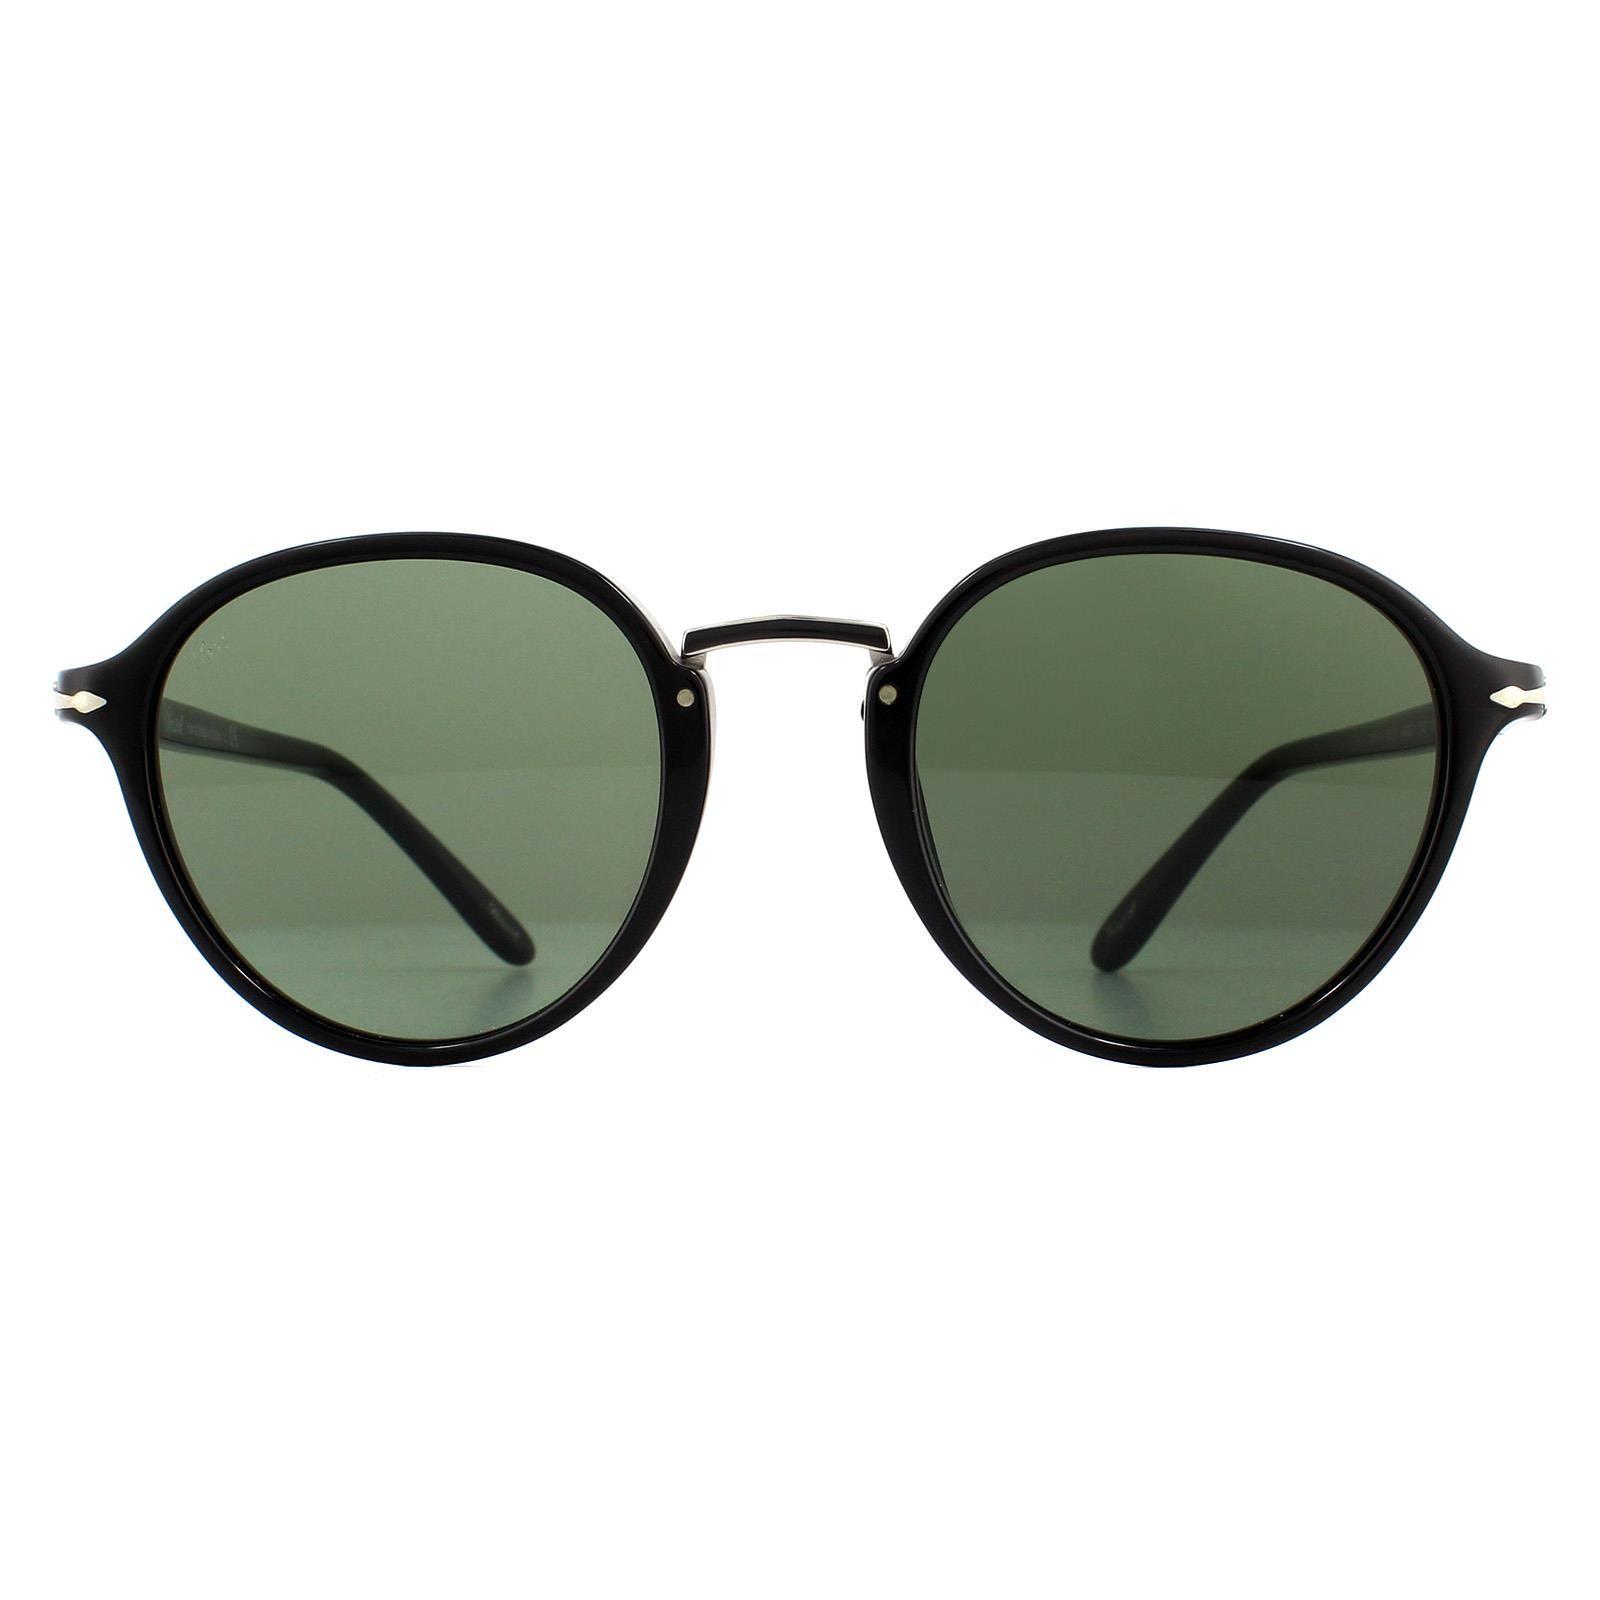 Persol Sunglasses PO3184S 95/31 Black Green